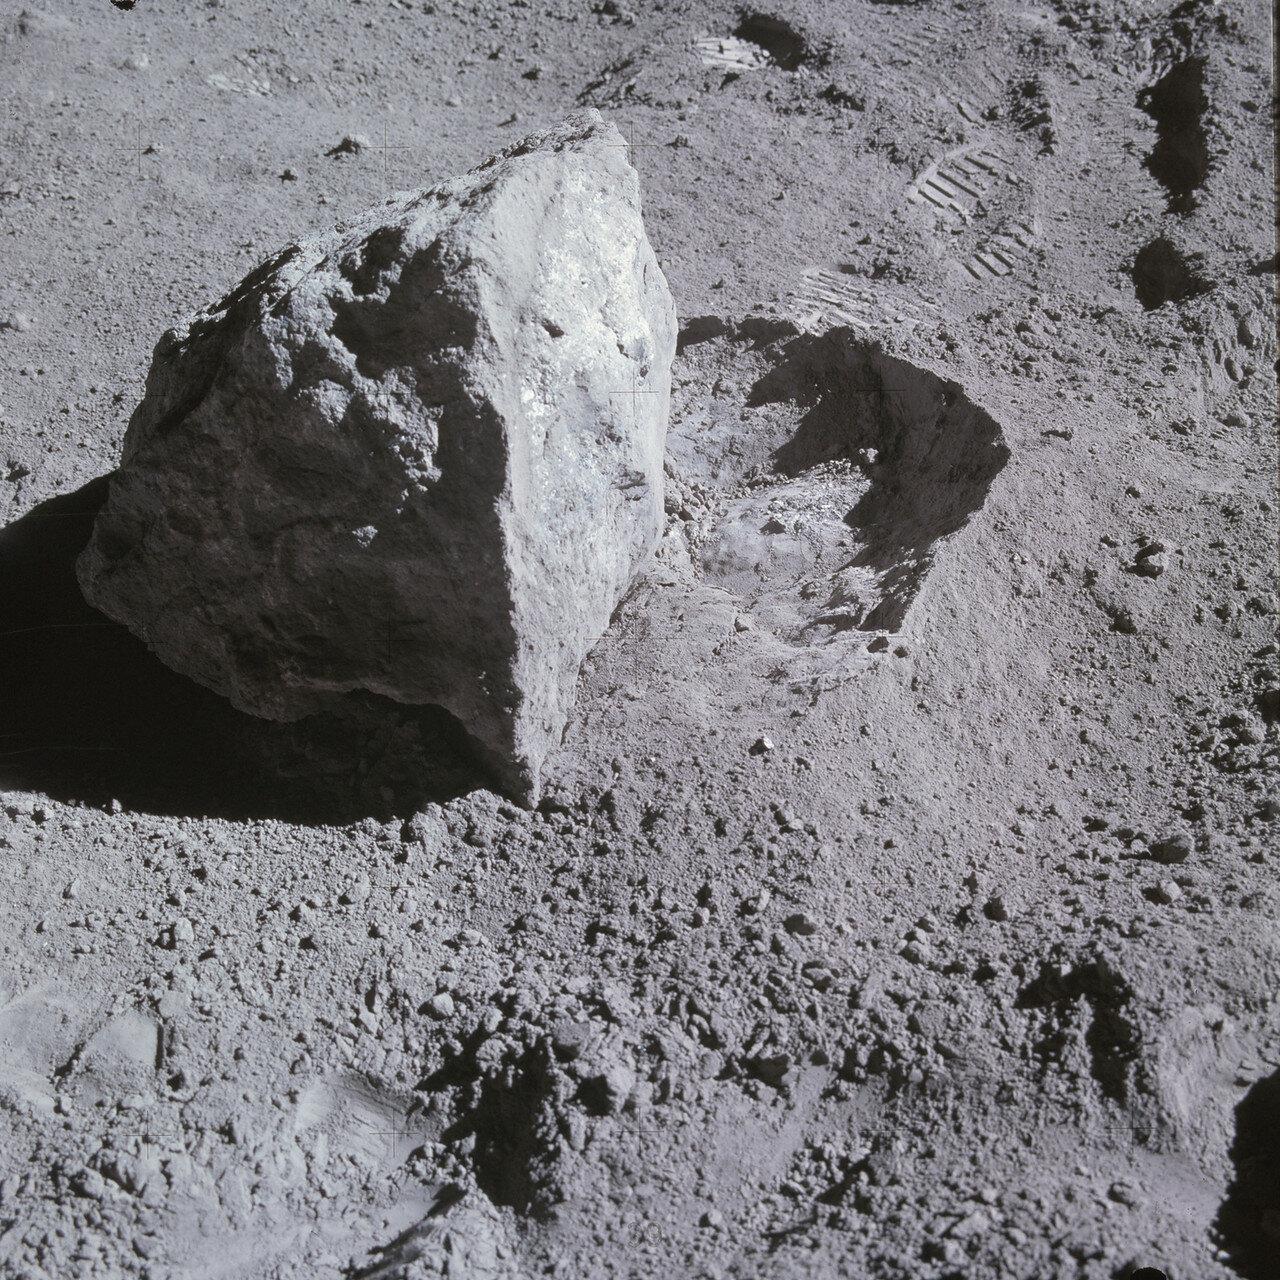 Янг в одиночку перевернул валун, Дьюк совком зачерпнул реголит из углубления, которое камень оставил в грунте. На снимке: Валун после того, как Янг его перевернул